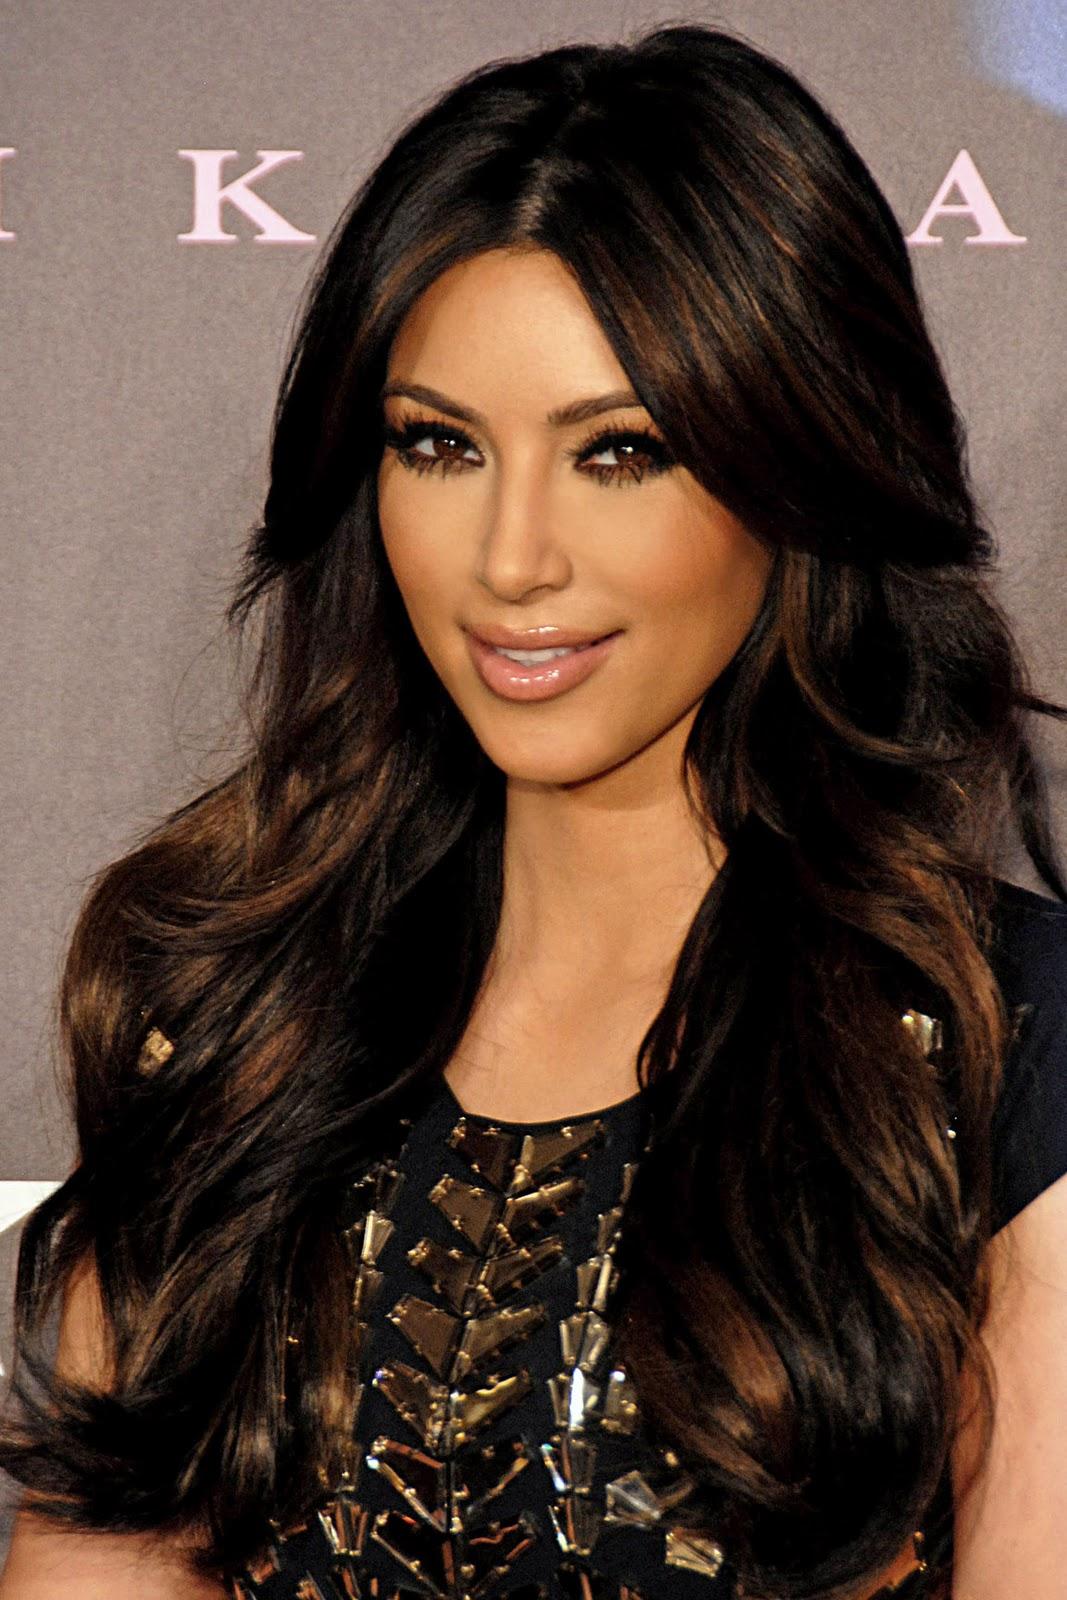 http://3.bp.blogspot.com/-ja4bWyHwGo8/TuYrNbf6n7I/AAAAAAAAAJY/b-I9fkj_fHA/s1600/Kim_Kardashian_lashes.jpg